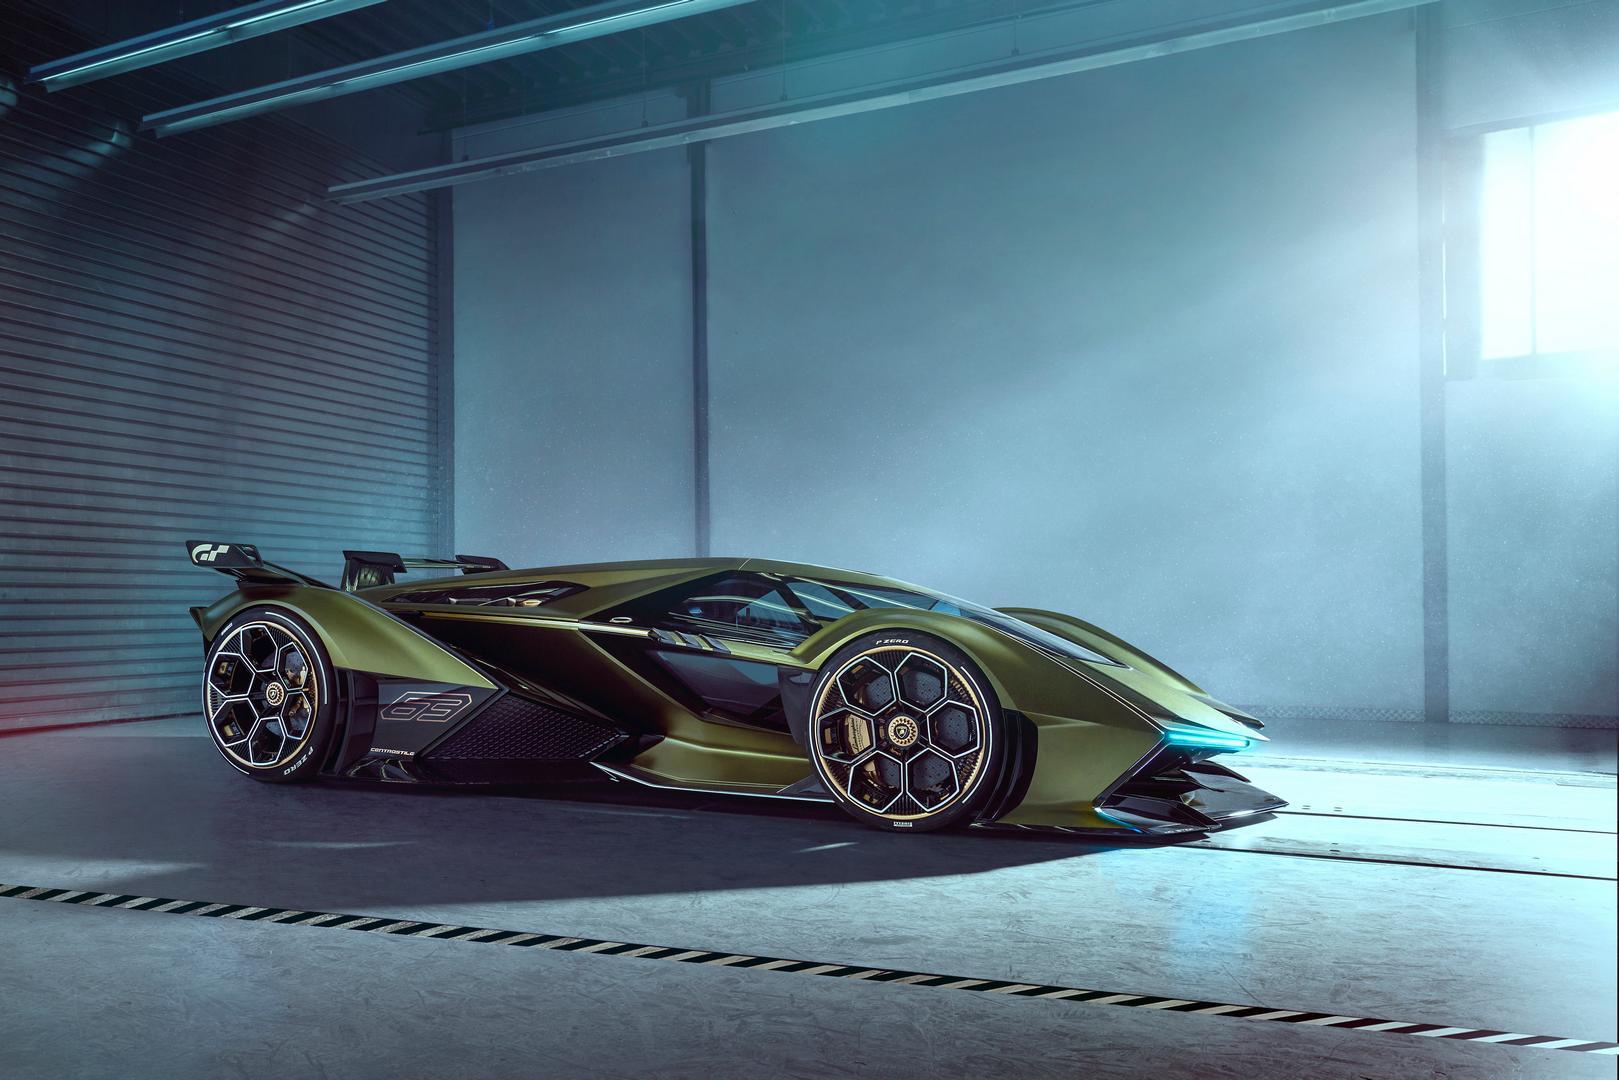 Lamborghini Lambo V12 Vision GT Side View